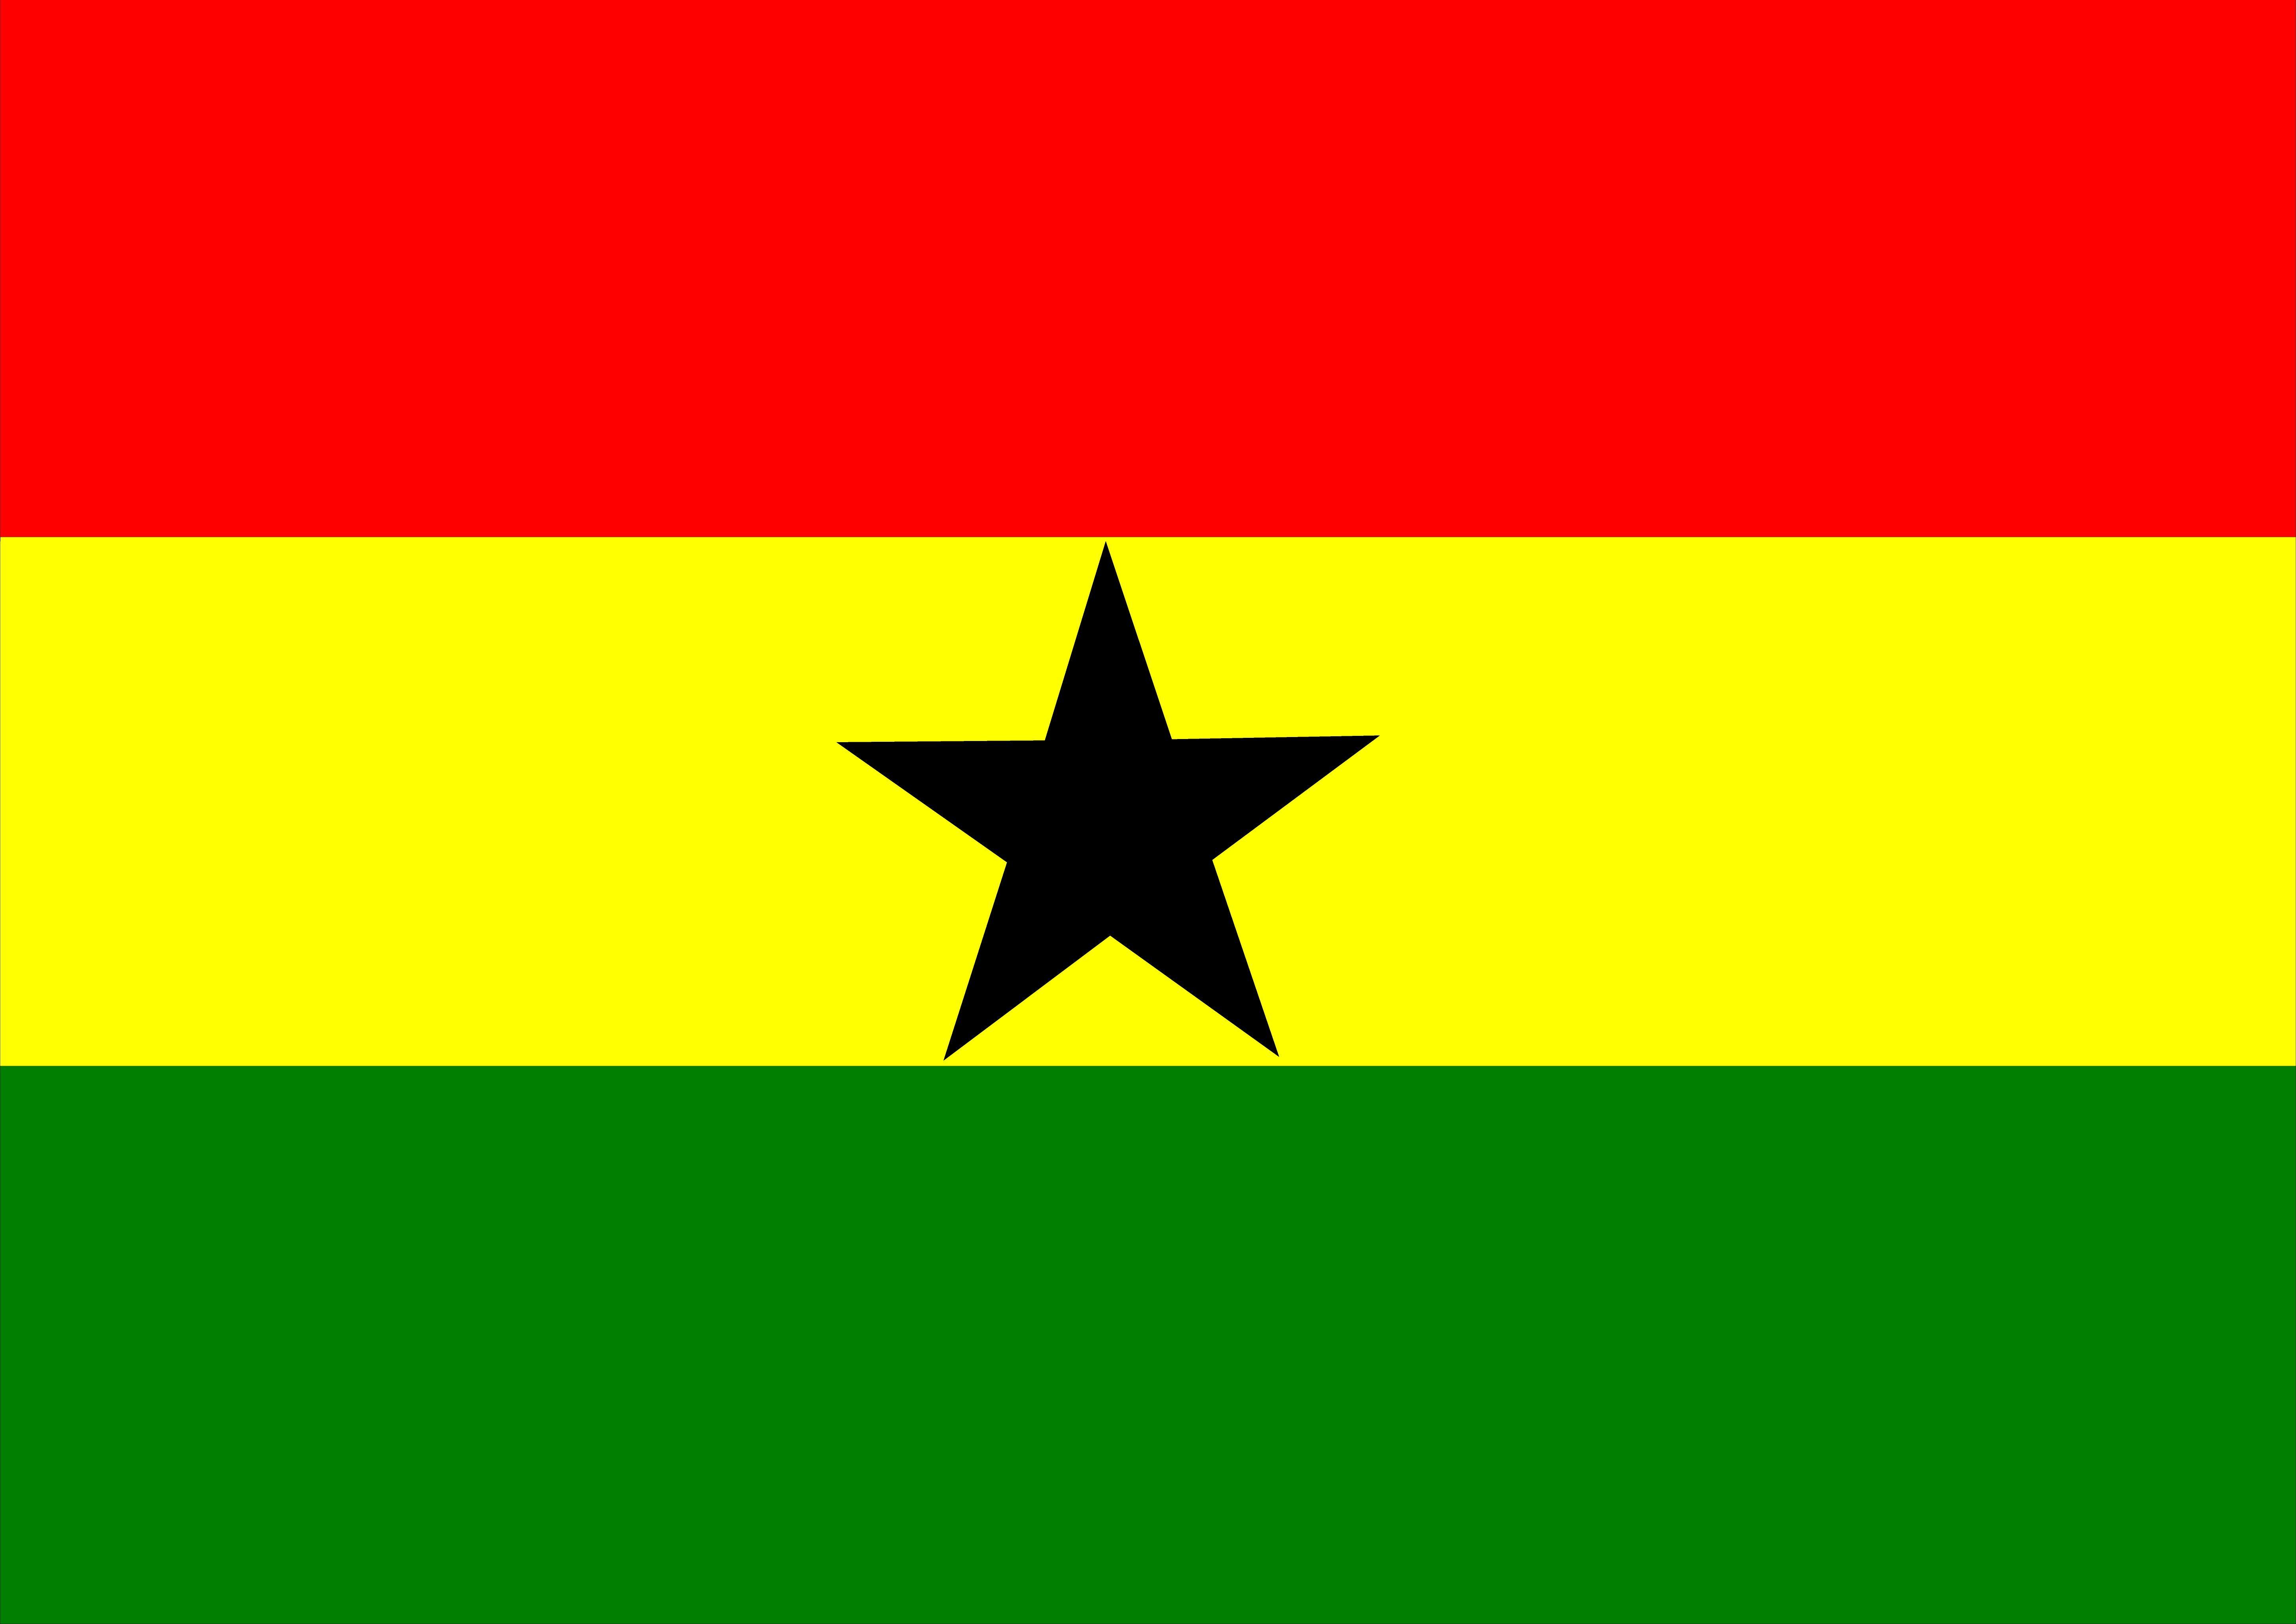 2 Ghana Was Founded On March 6 1957 Ghana Ghana Flag Africa Flag